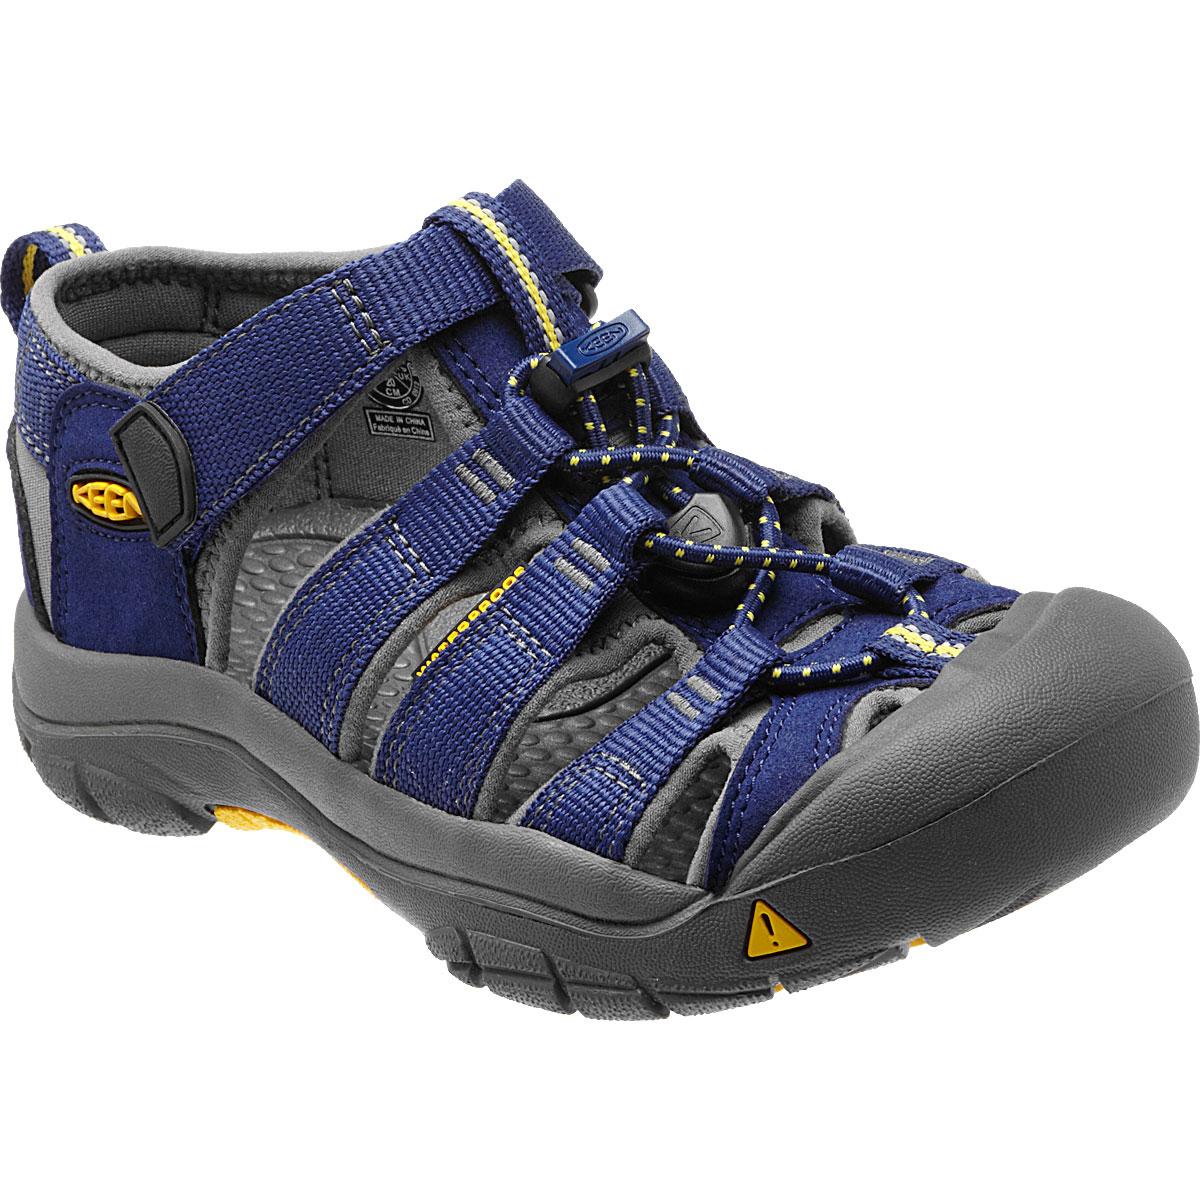 Keen Toddler Newport H2 Sandals, Blue/gargoyle